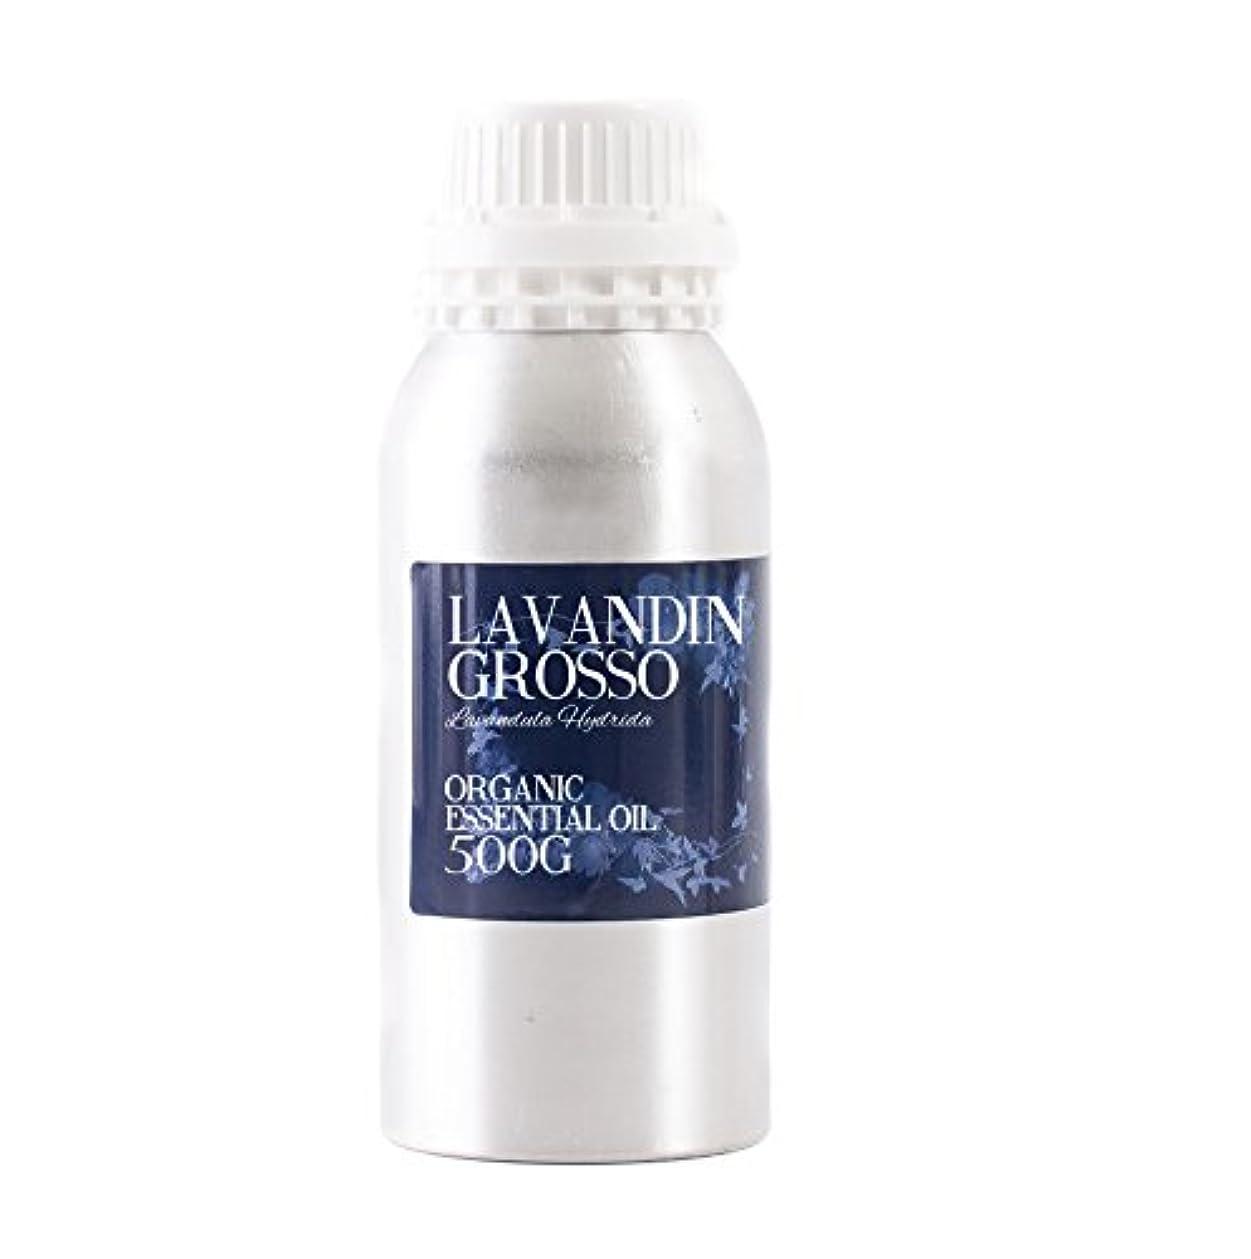 シャープちっちゃいパラダイスMystic Moments | Lavandin Grosso Organic Essential Oil - 500g - 100% Pure